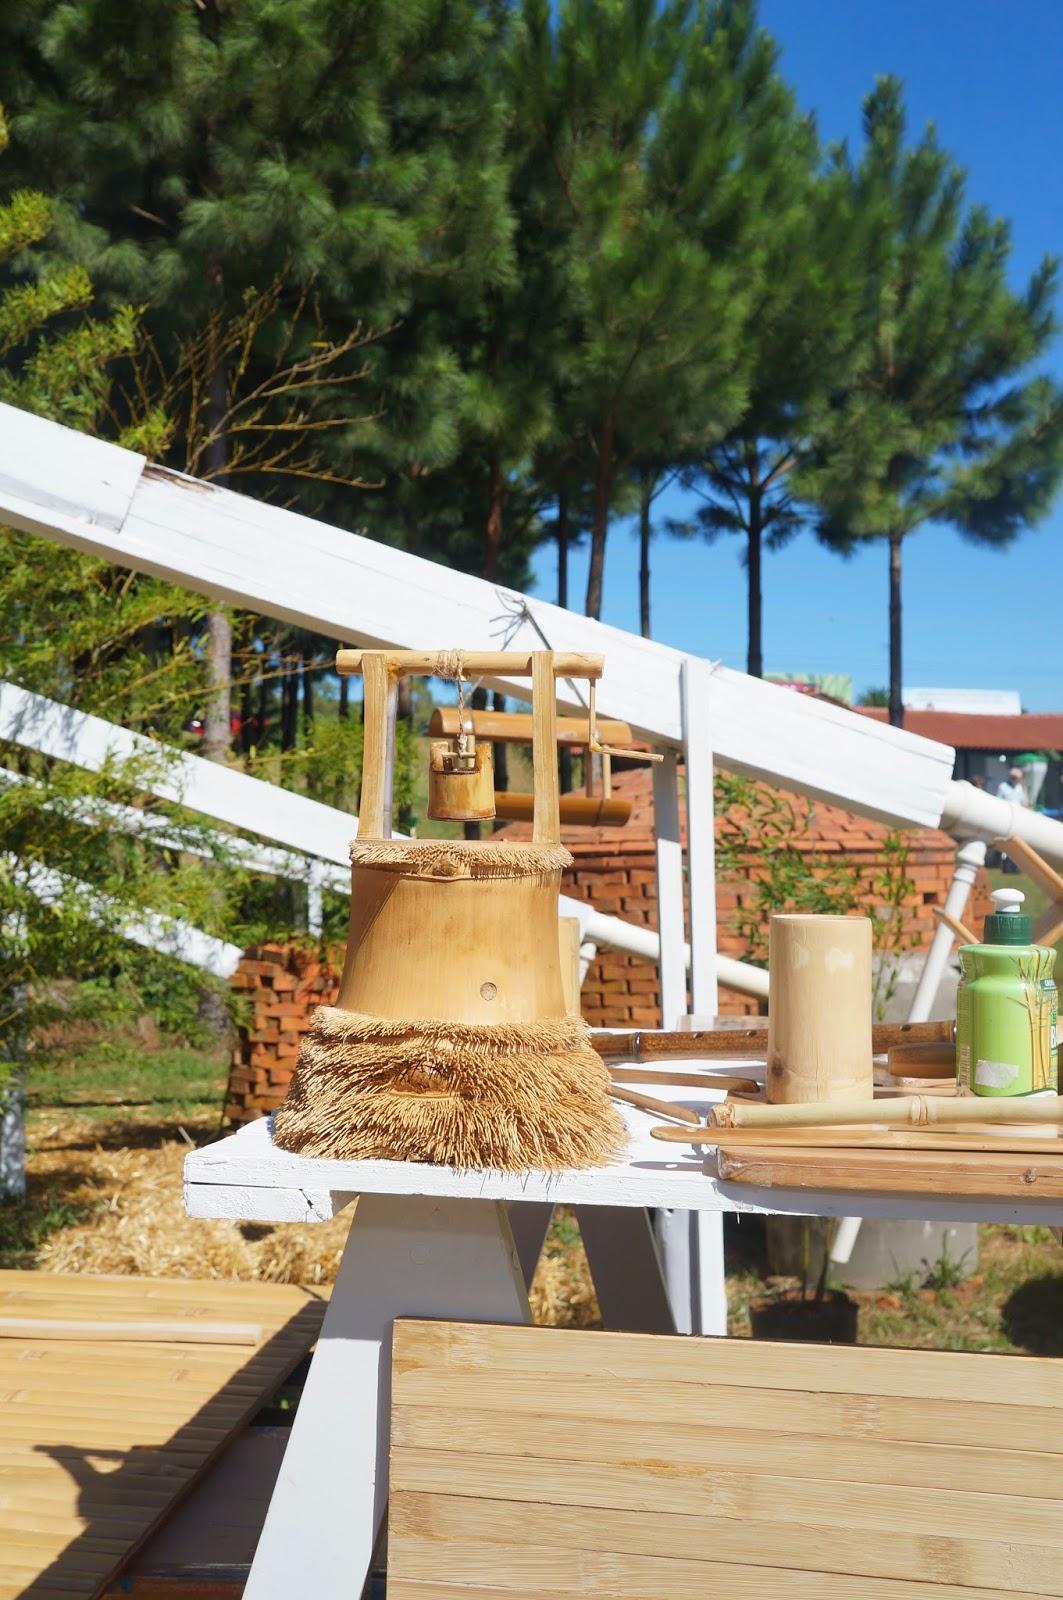 Artigos de bambu